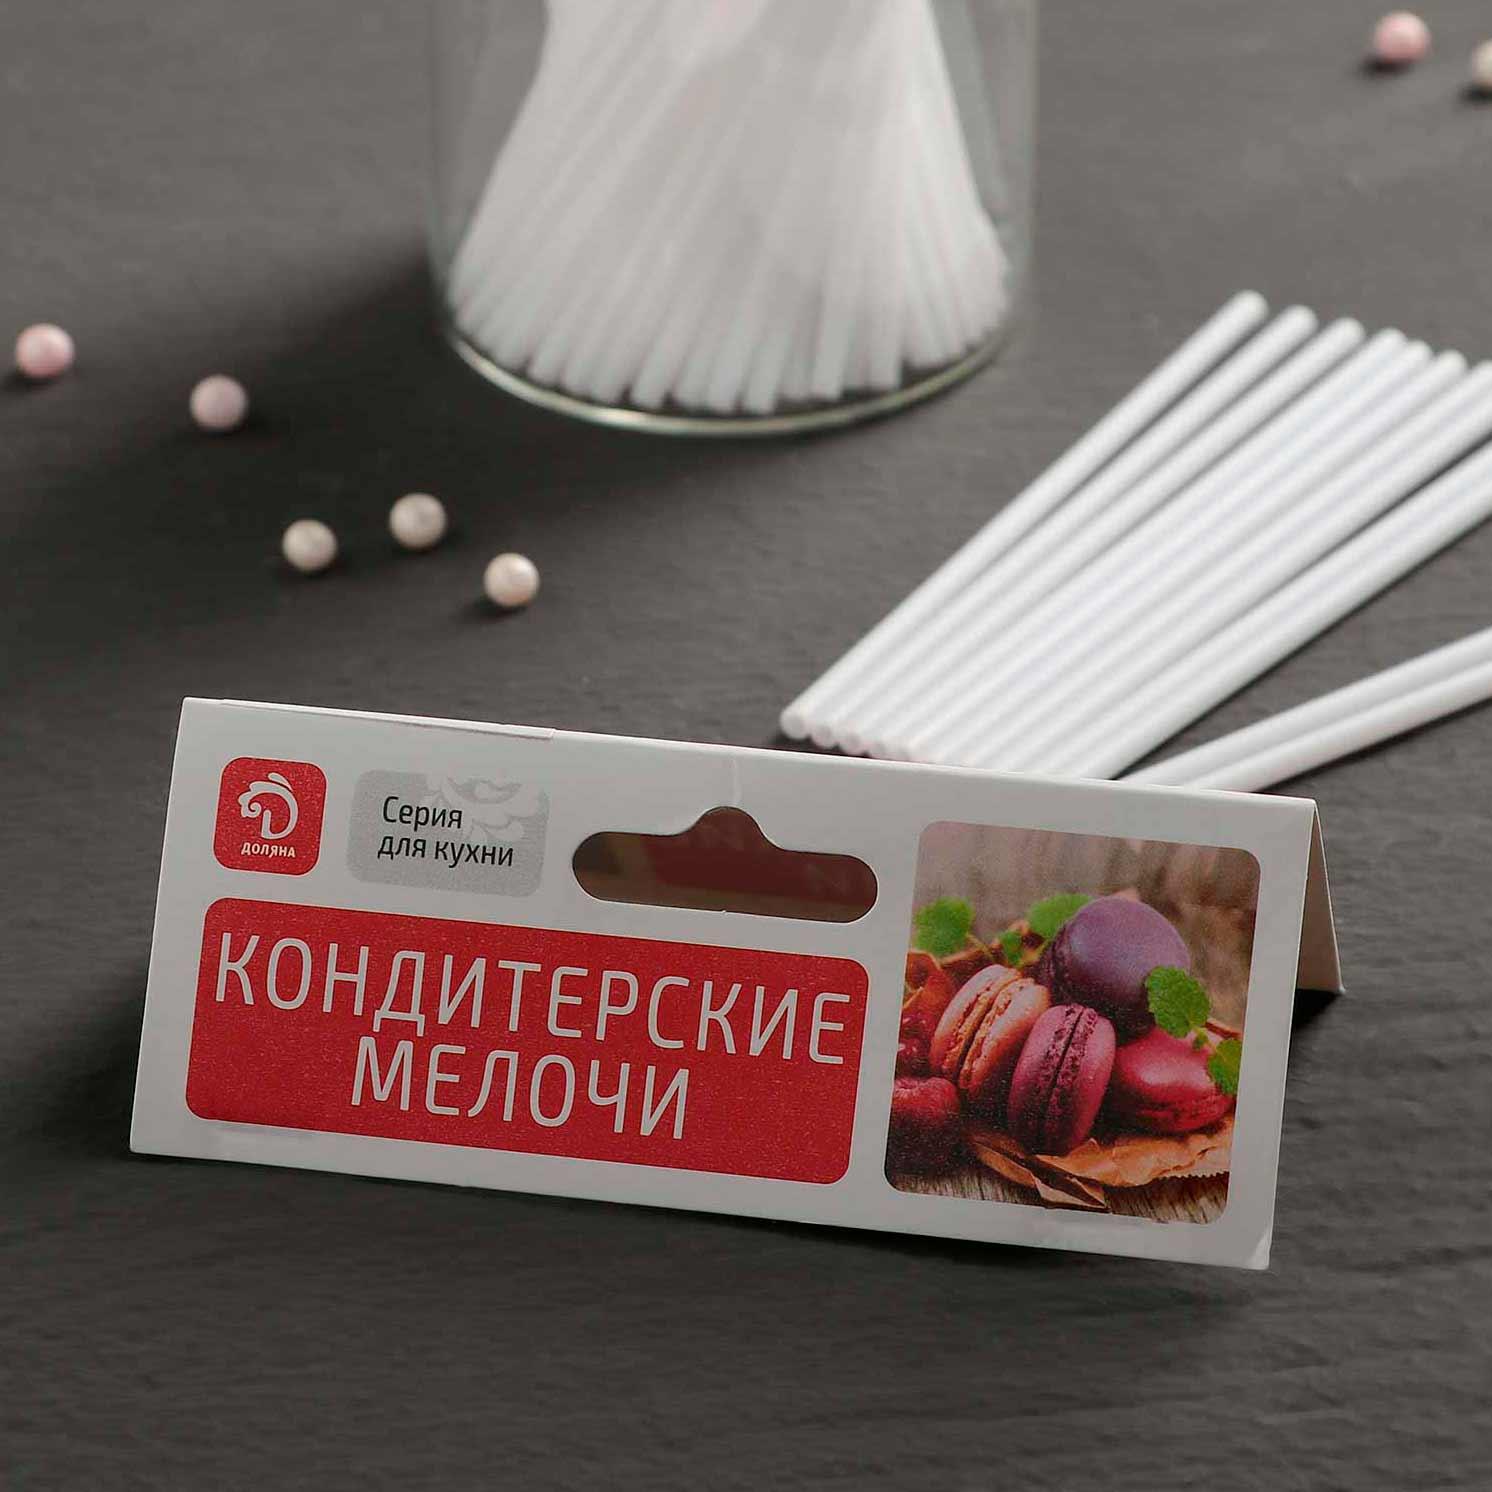 Набор палочек-дюбелей для кондитерских изделий 80 шт, длина 10 см